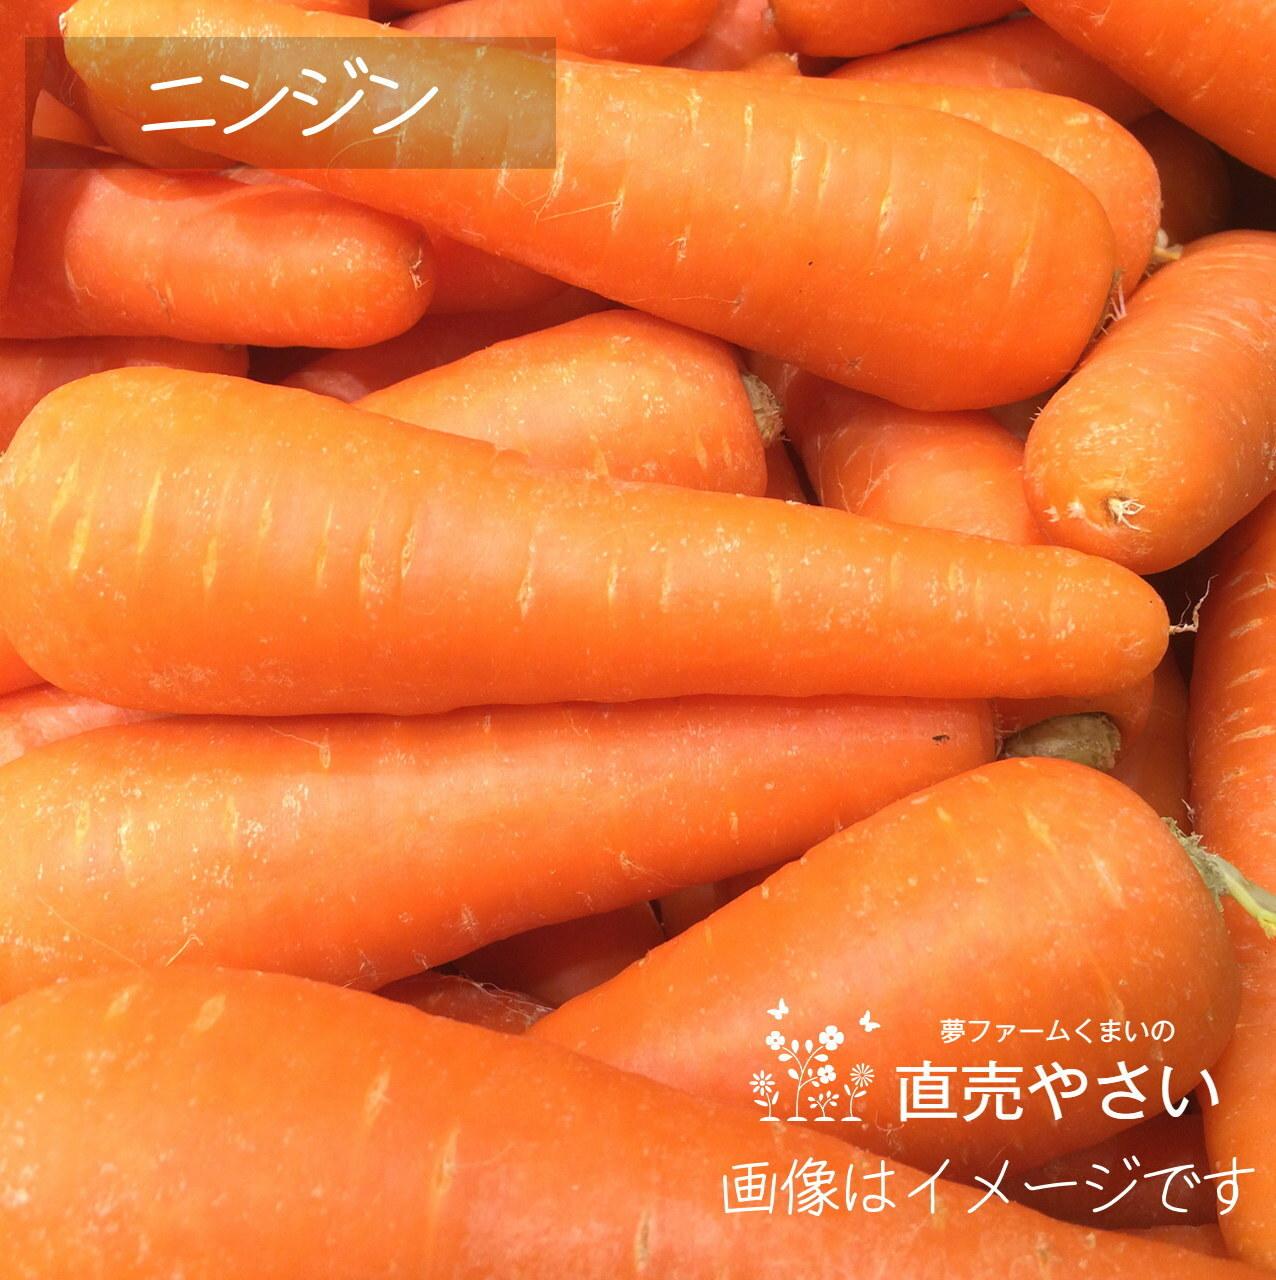 ニンジン 約3~4本 : 6月の朝採り直売野菜 春の新鮮野菜 6月20日発送予定